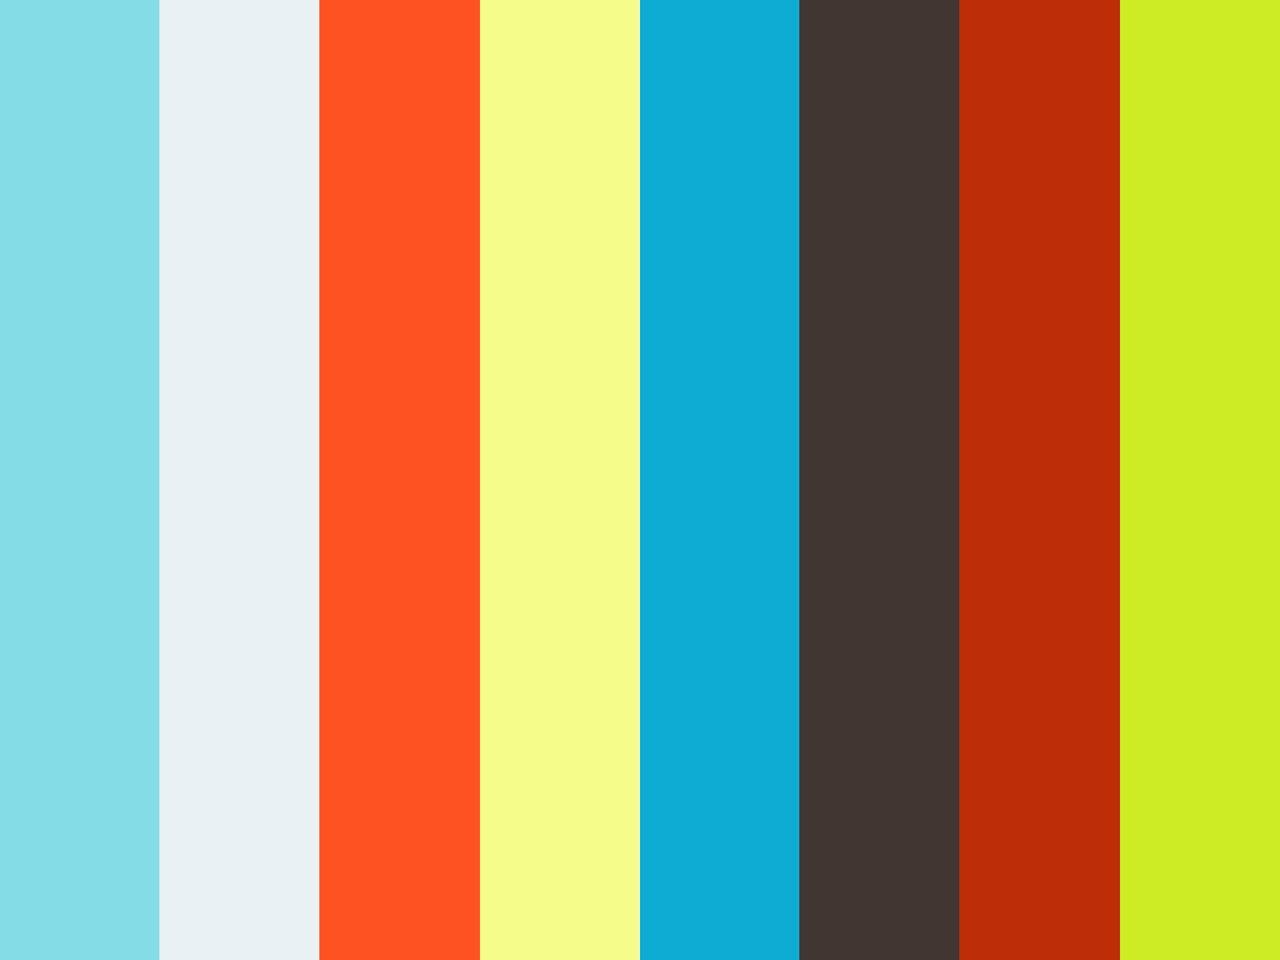 RIGA - AERIAL HYPERLAPSE REEL